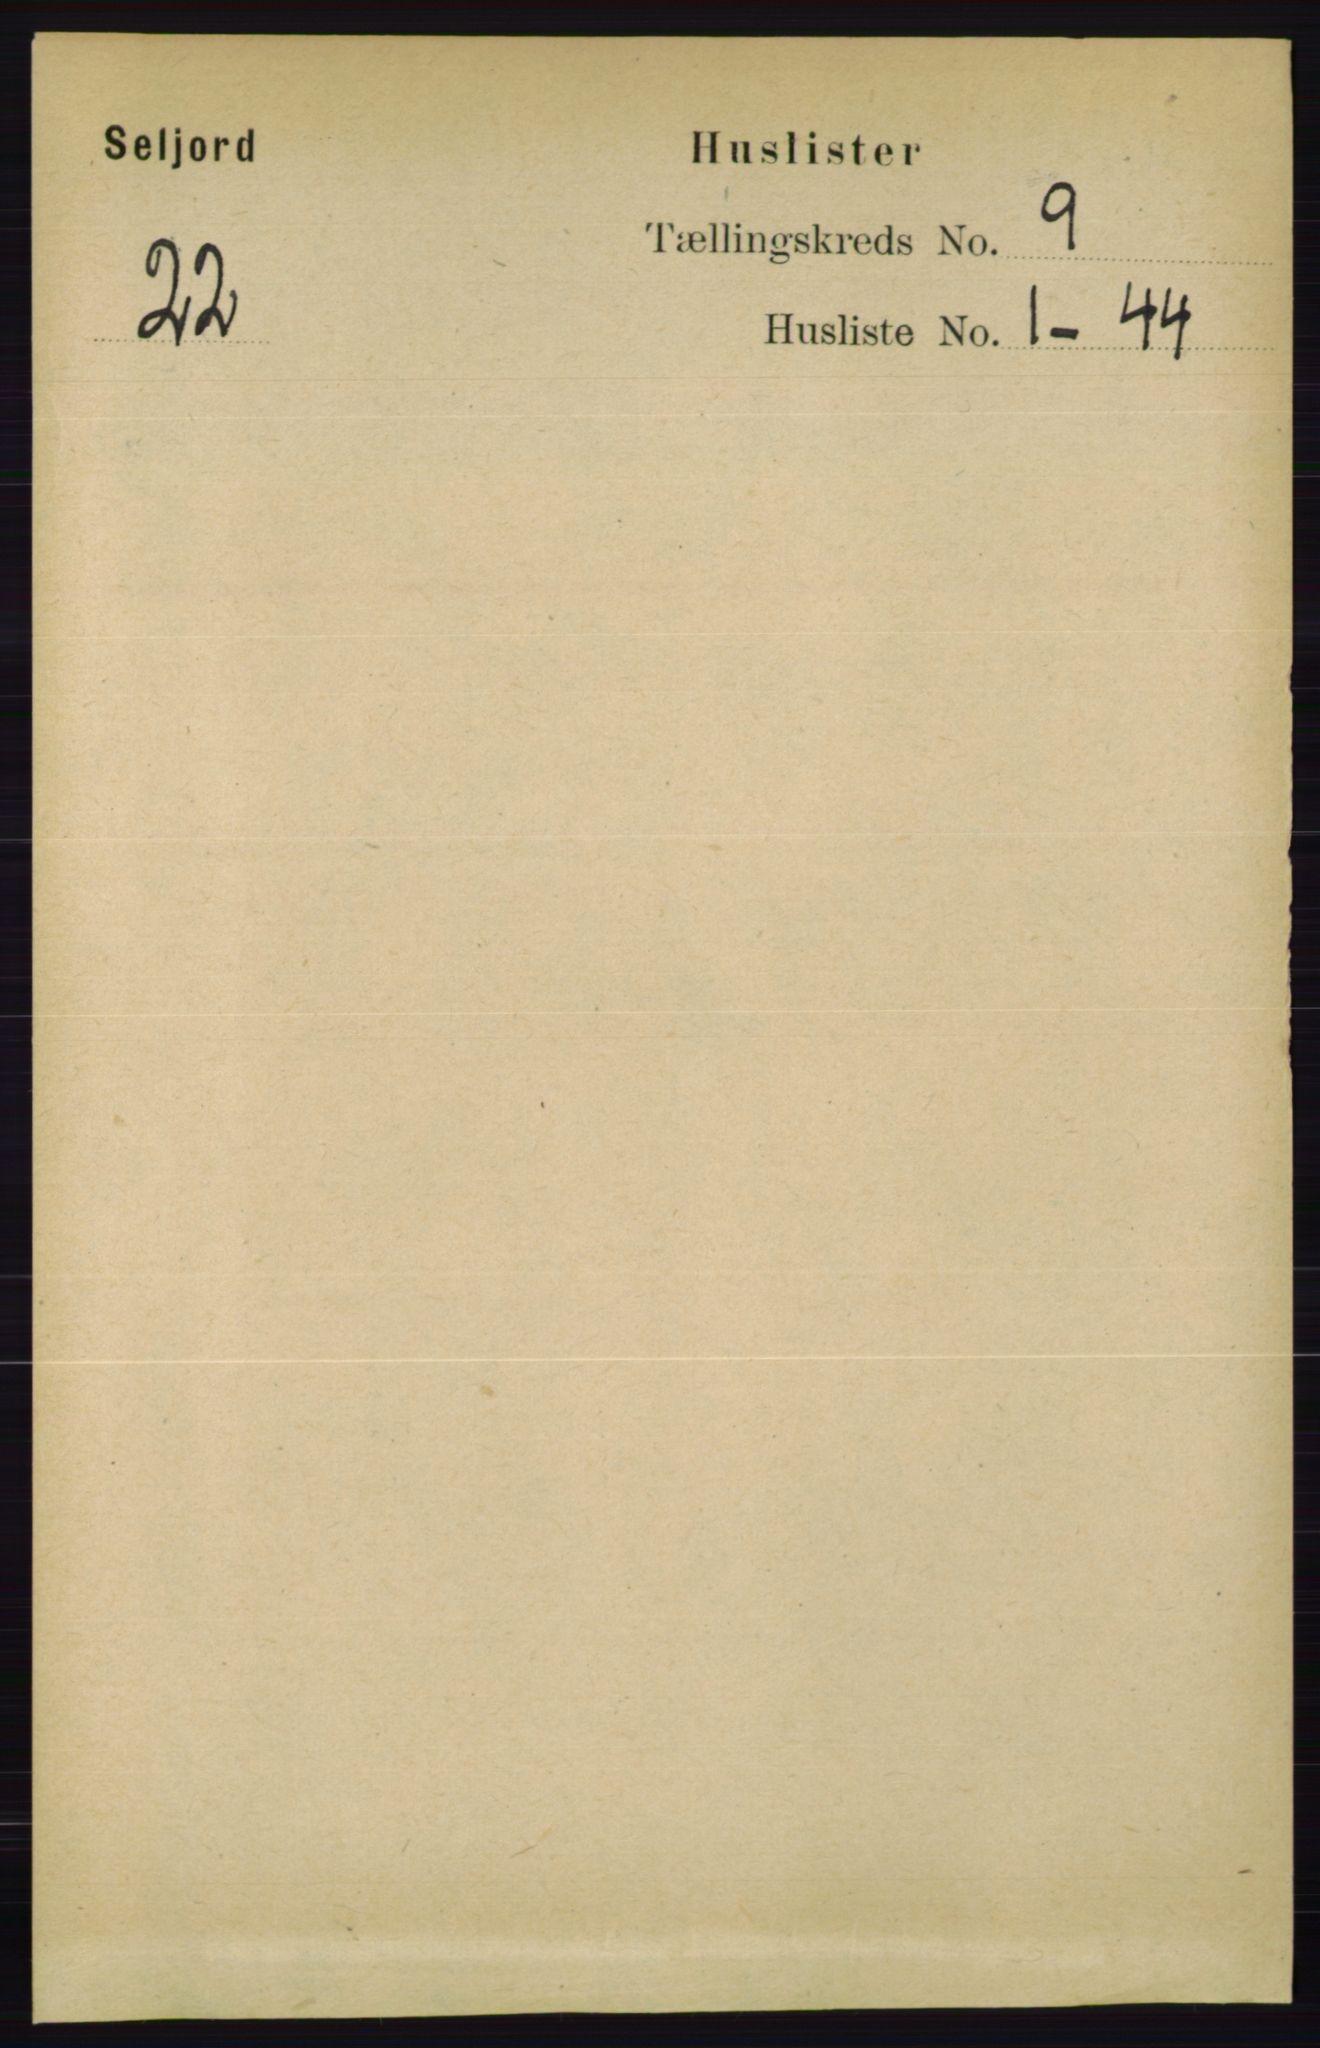 RA, Folketelling 1891 for 0828 Seljord herred, 1891, s. 3124